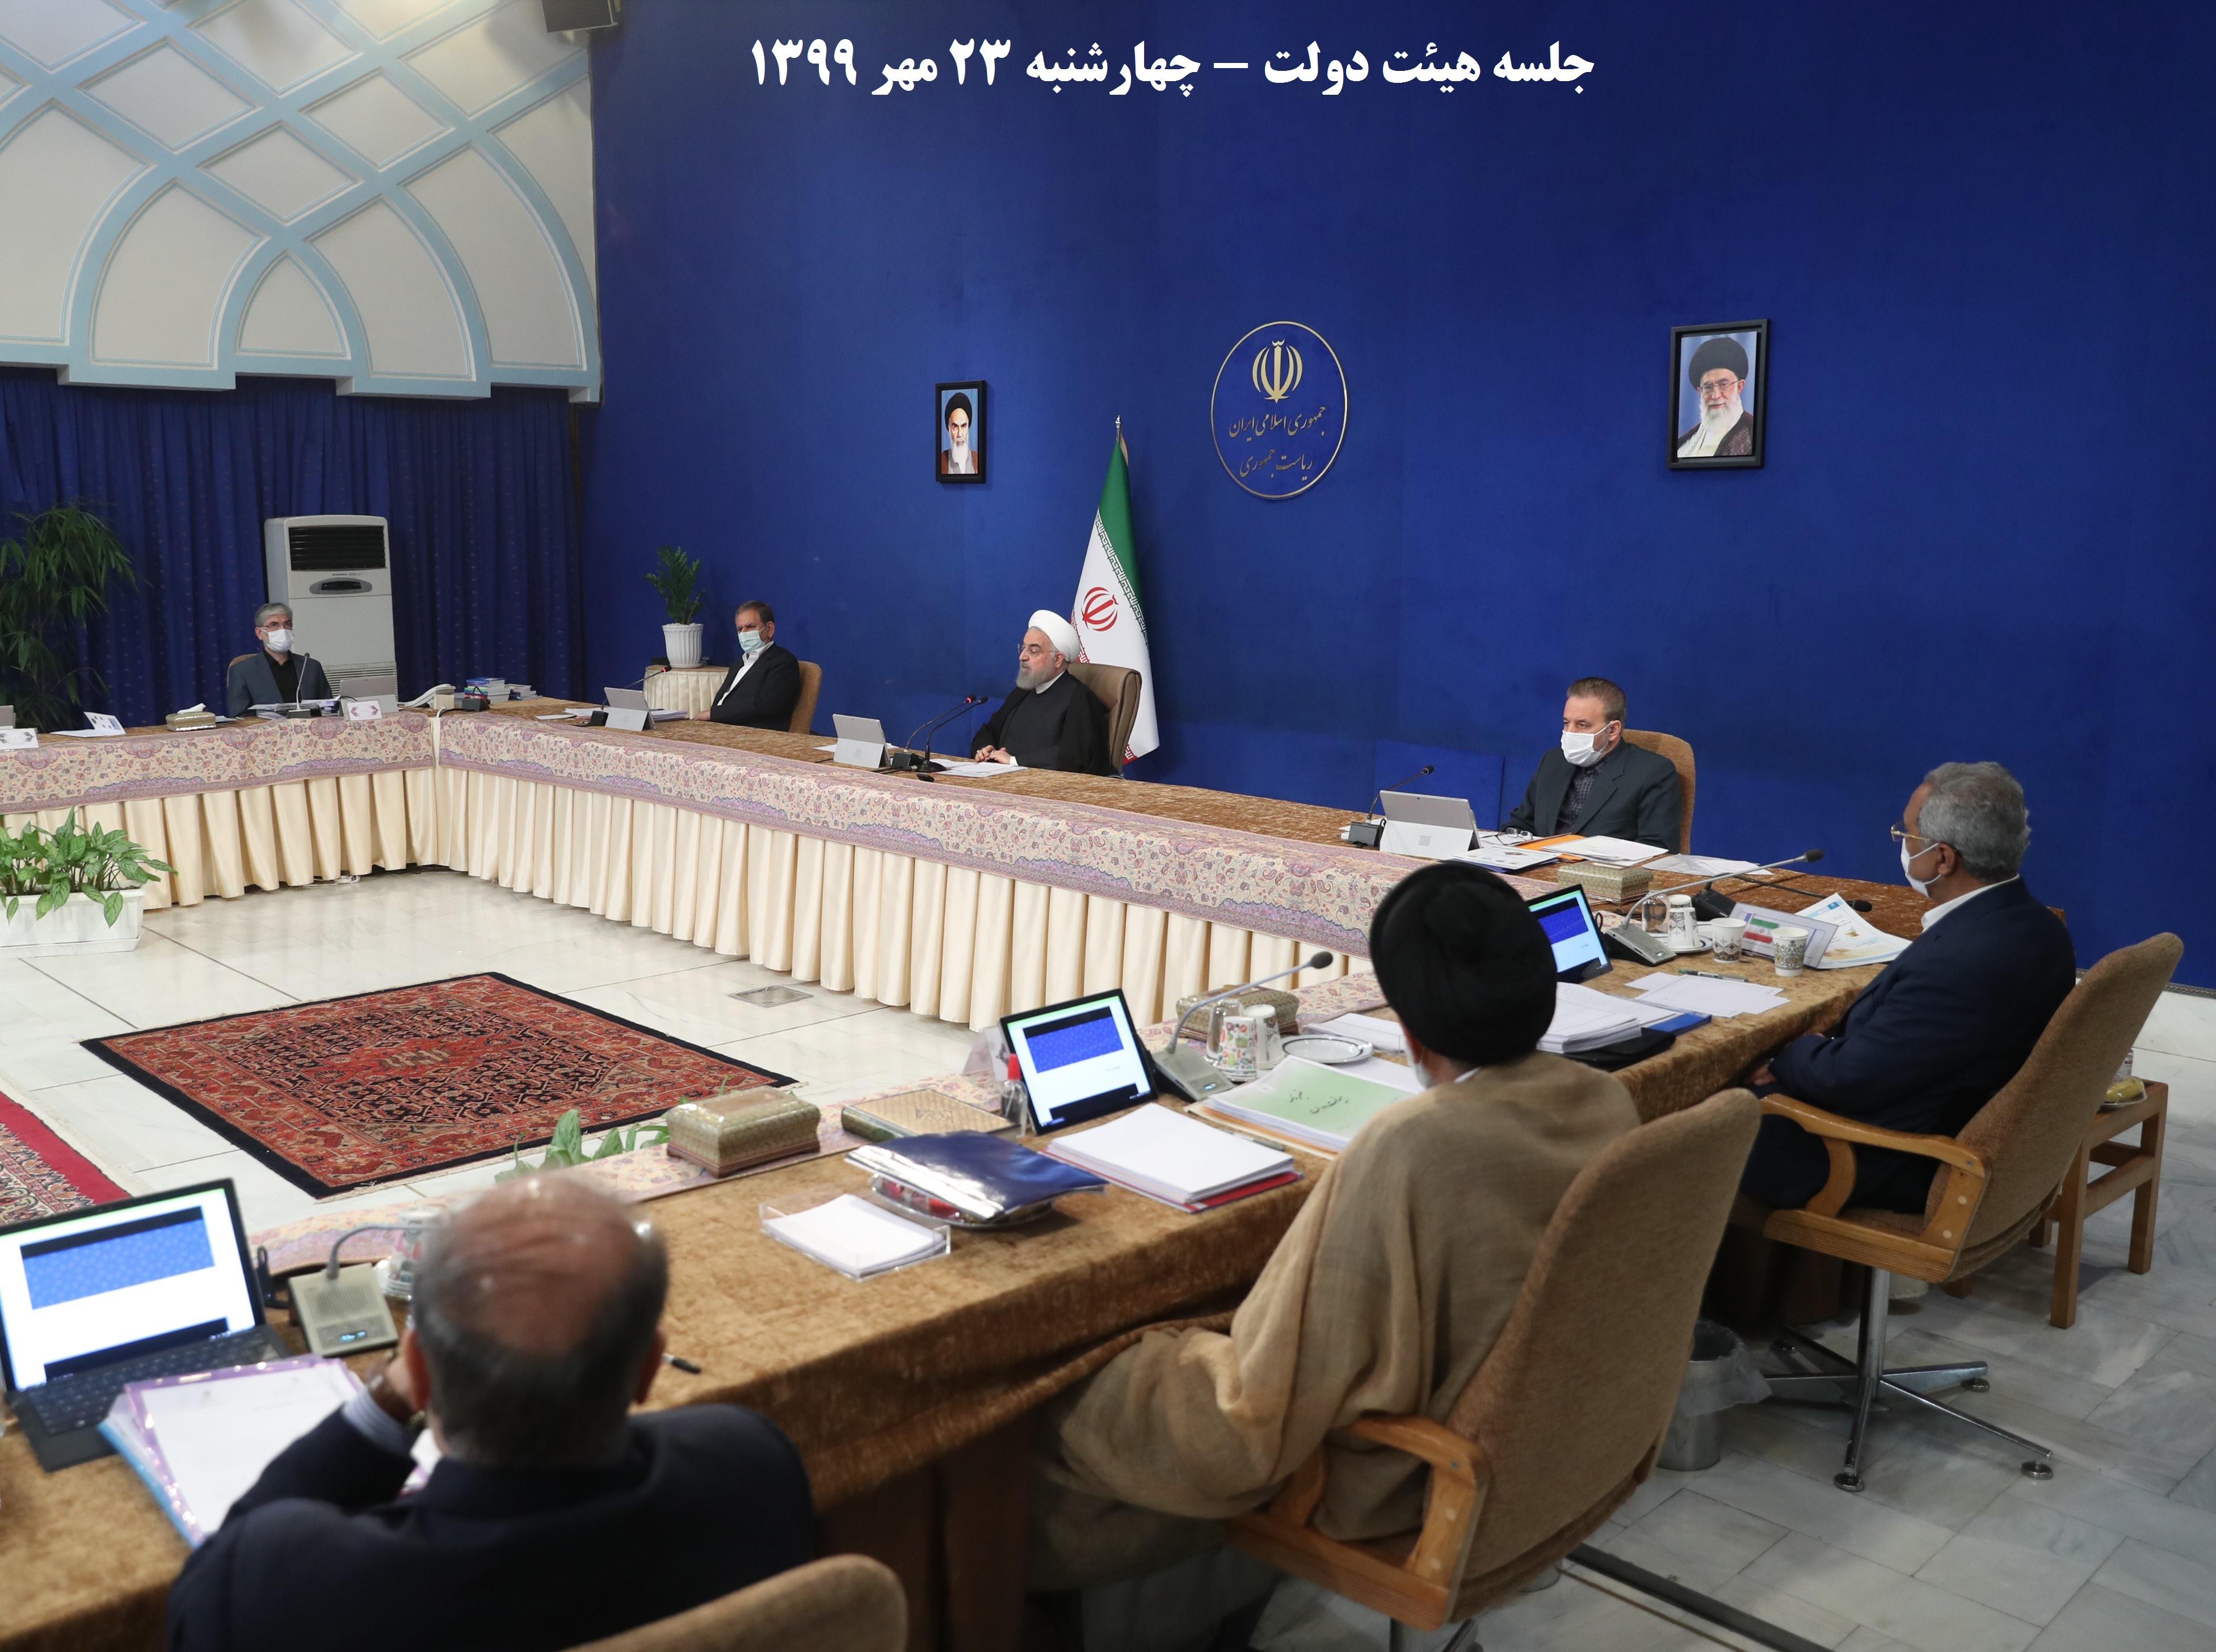 رئیس جمهور از شرکای تجاری ایران خواست تا به تعهدات حقوقی و اخلاقی خود عمل کنند/ واگذاری باقیمانده سهام دولت در بانک های ملت، تجارت و صادرات در قالب صندوق (ETF) دارا سوم